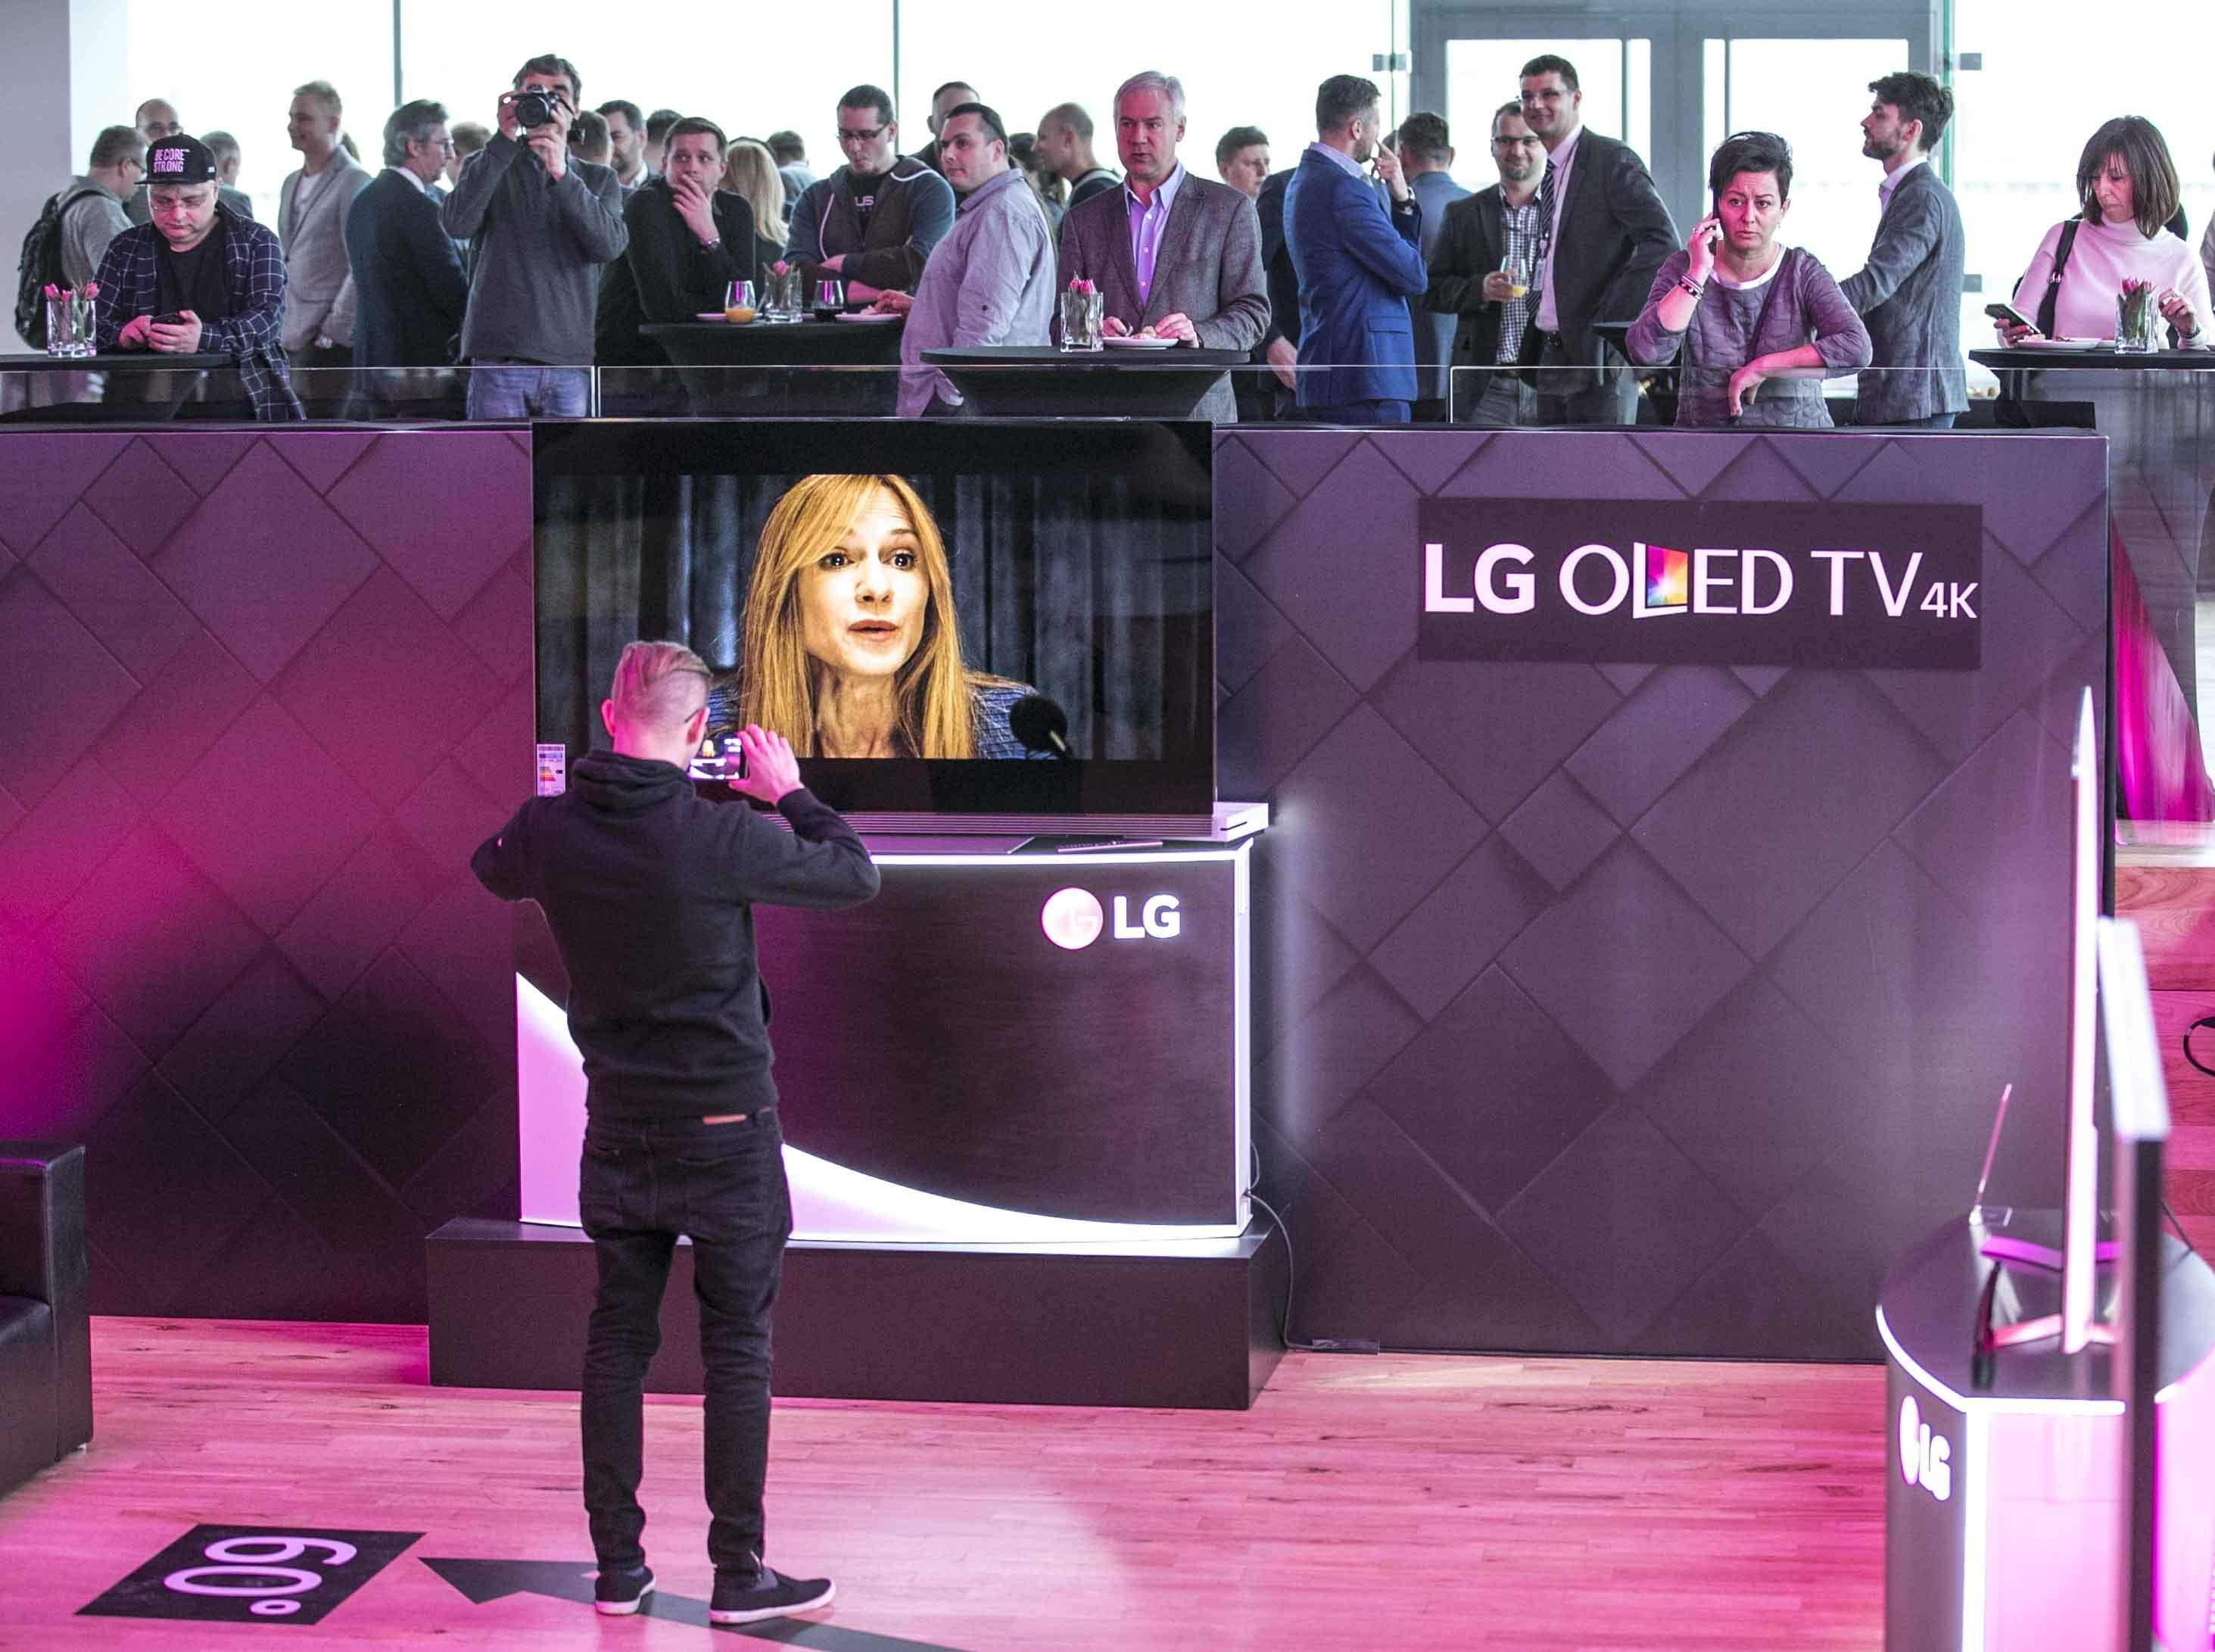 Premiera telewizorów LG: 99% dziennikarzy technologicznych bawi się na bankiecie (na górze), redaktor Kossakowski z PCWorld.pl jako jedyny ciężko pracuje (na dole)